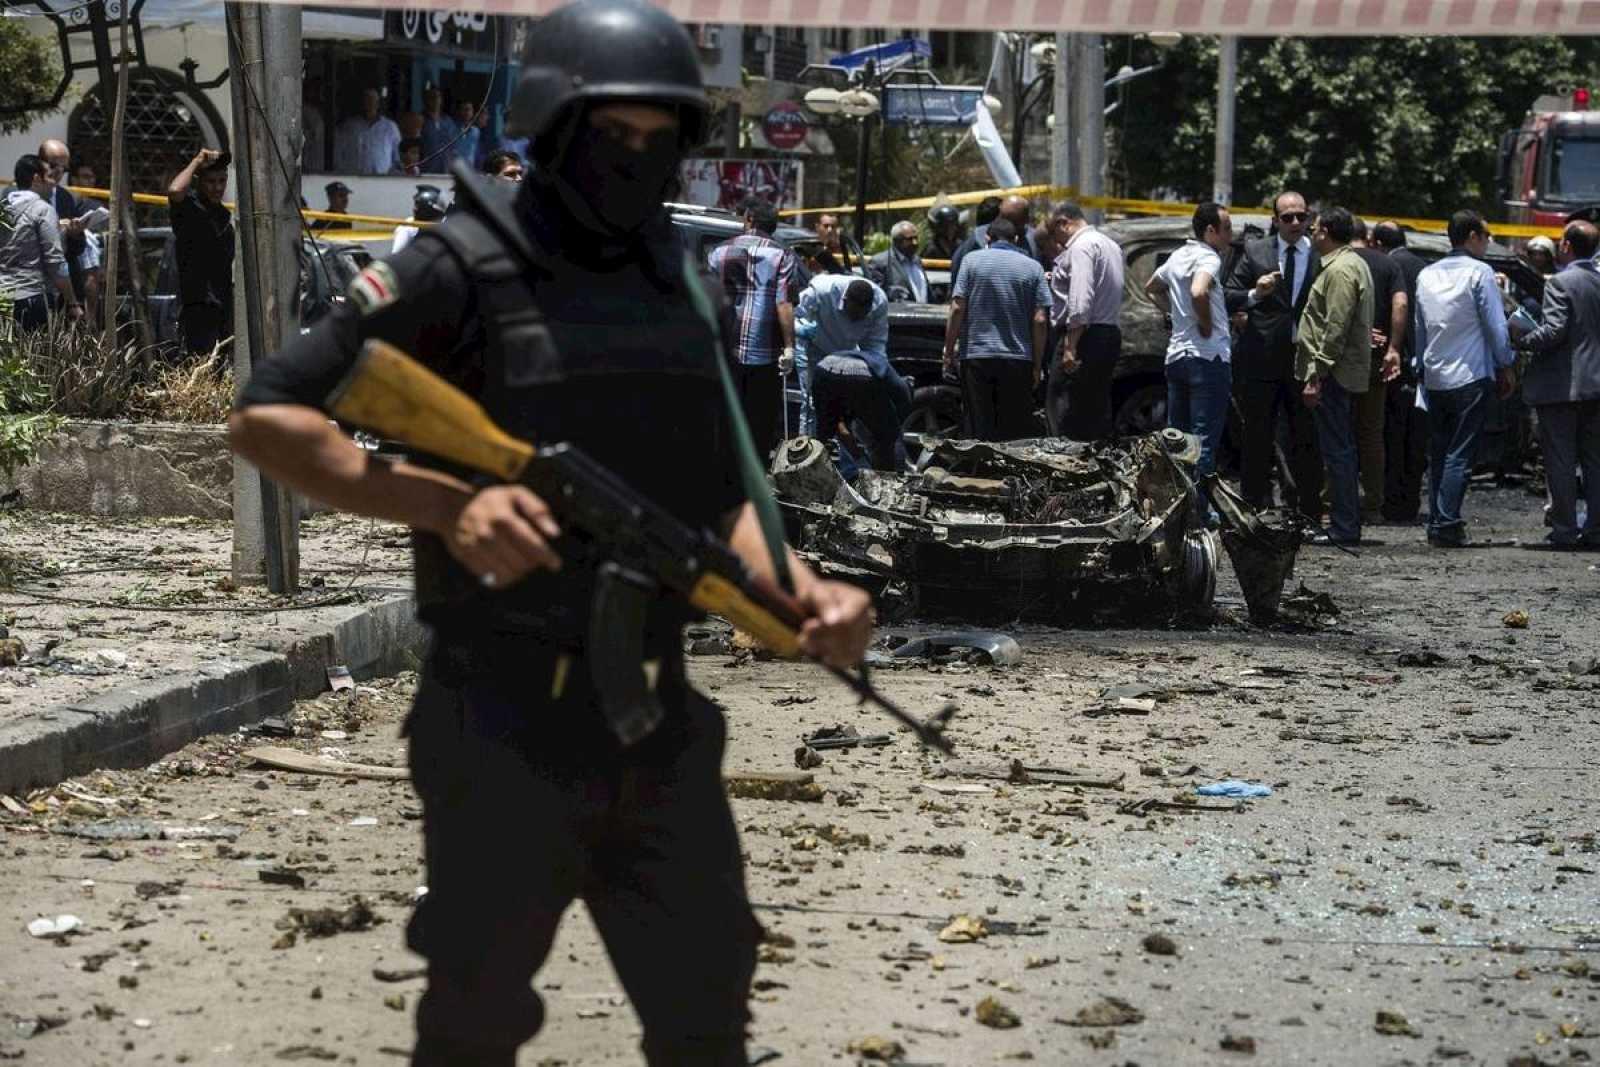 Un miembro de las fuerzas de seguridad egipcios protege el escenario del atentado contra el fiscal general egipcio. AFP PHOTO / KHALED DESOUKI